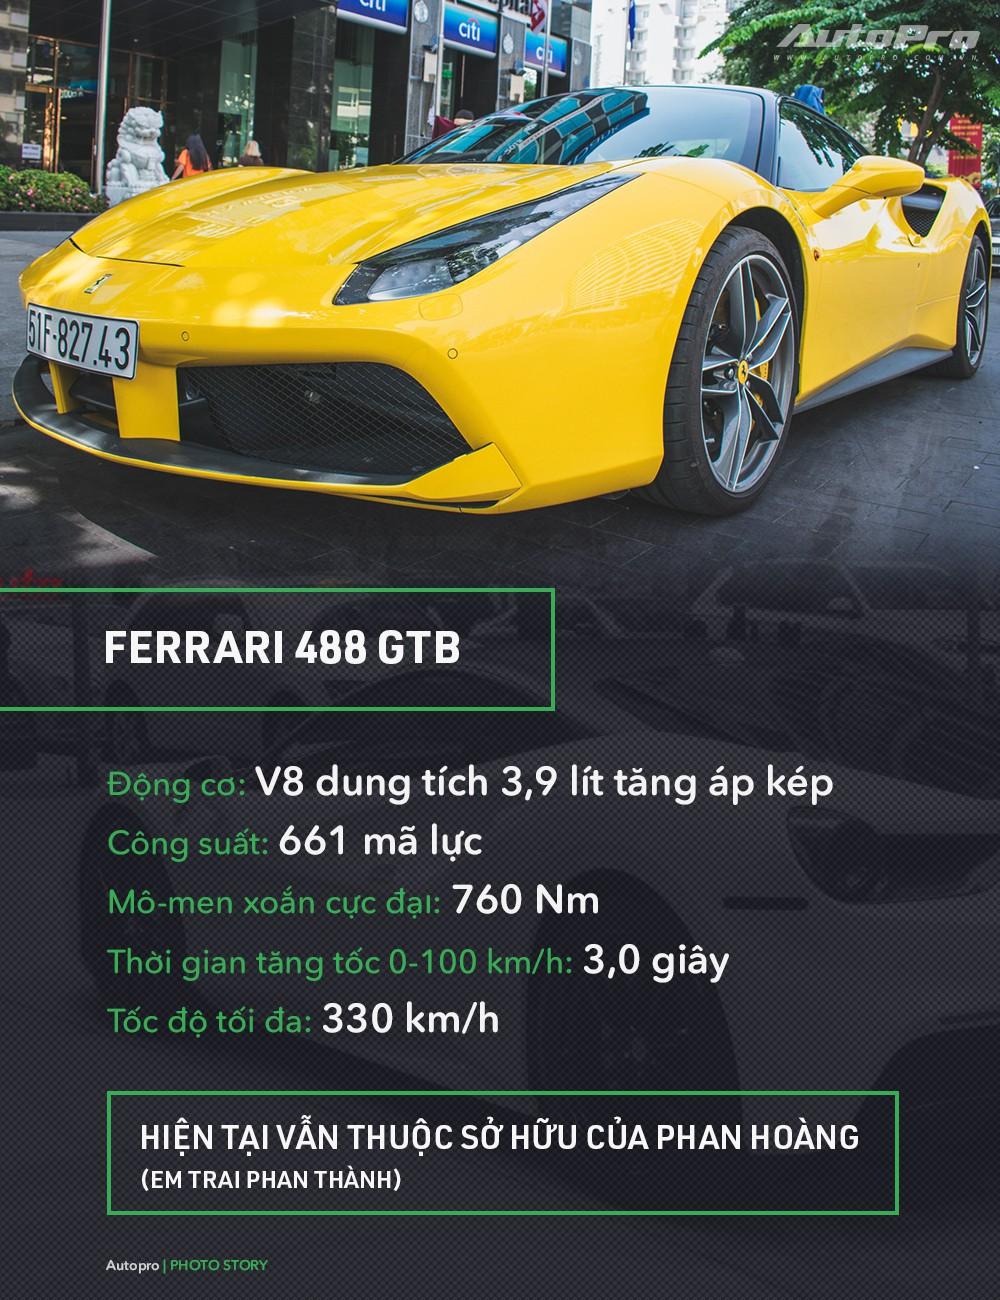 Trước Maybach S450, Phan Thành từng mạnh tay mua những mẫu xe khủng nào? - Ảnh 2.